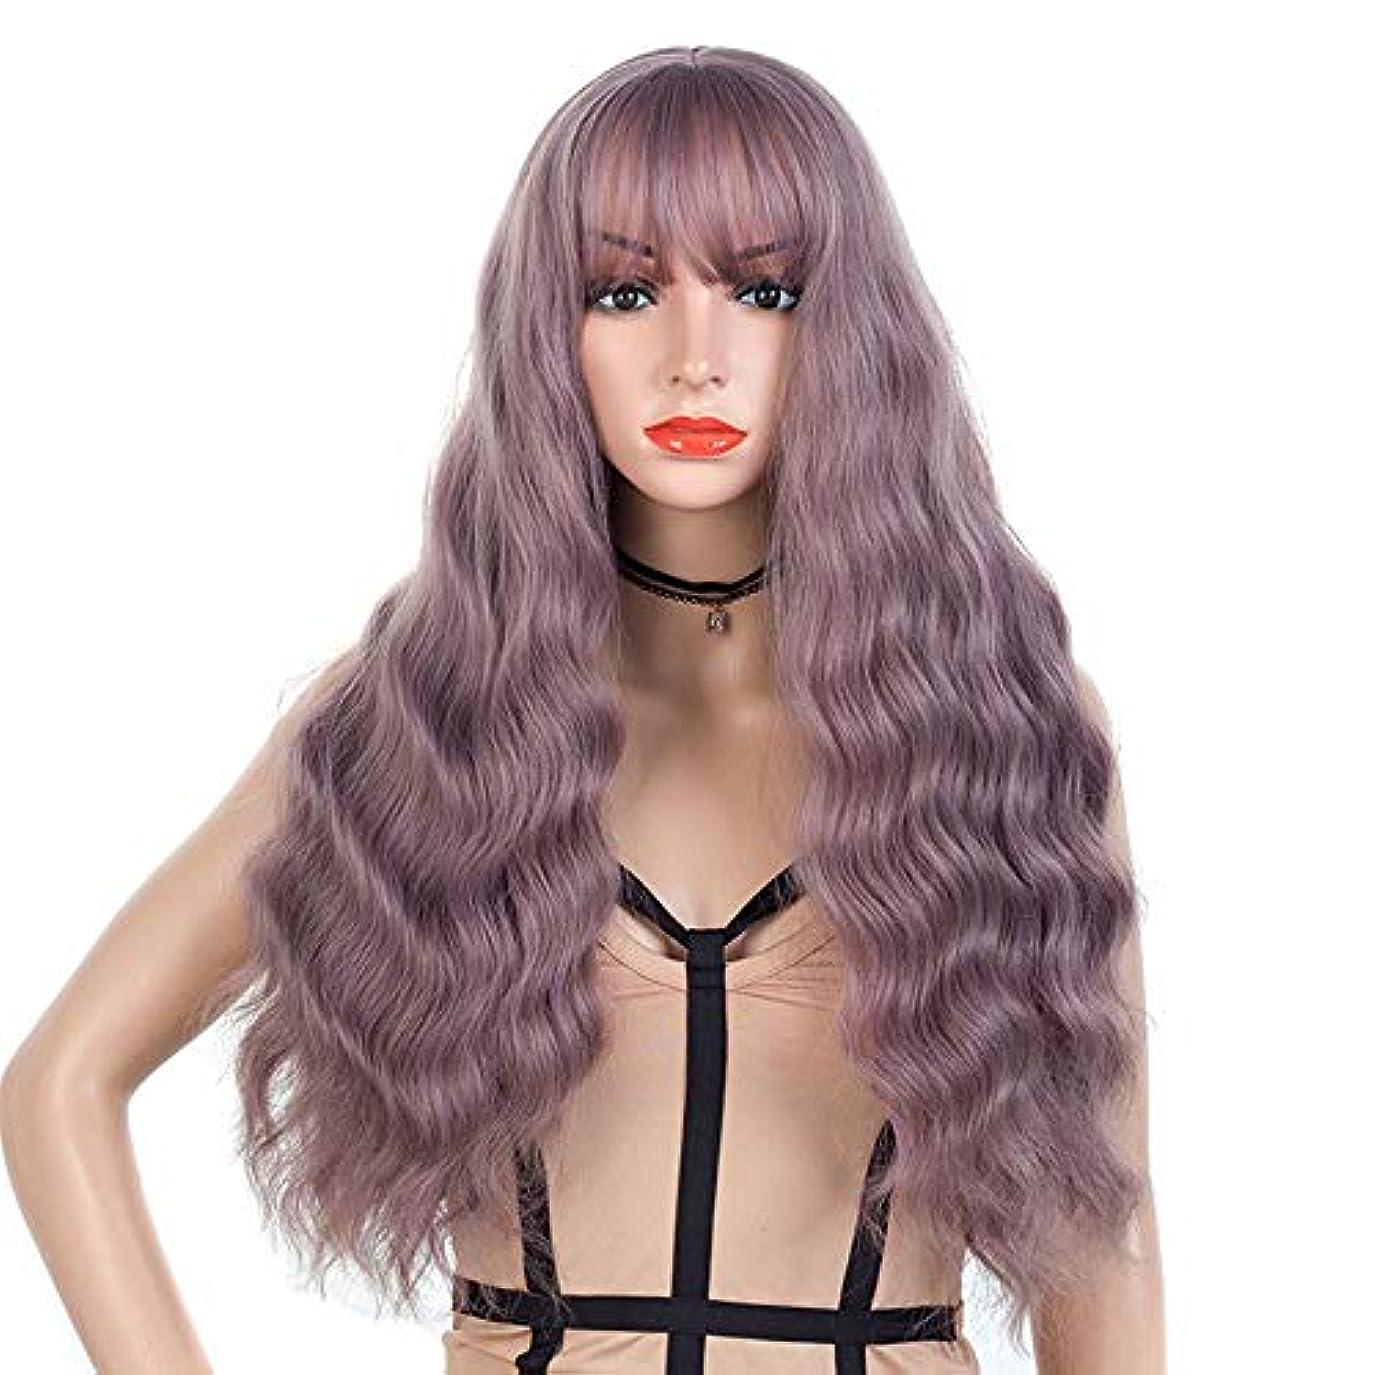 陸軍塩辛いすべきESTELLEF 31.5 Inche Bangs Glueless Synthetic Party Halloween Wigs- Corn Hot Chemical Fiber Small Wave Pattern...